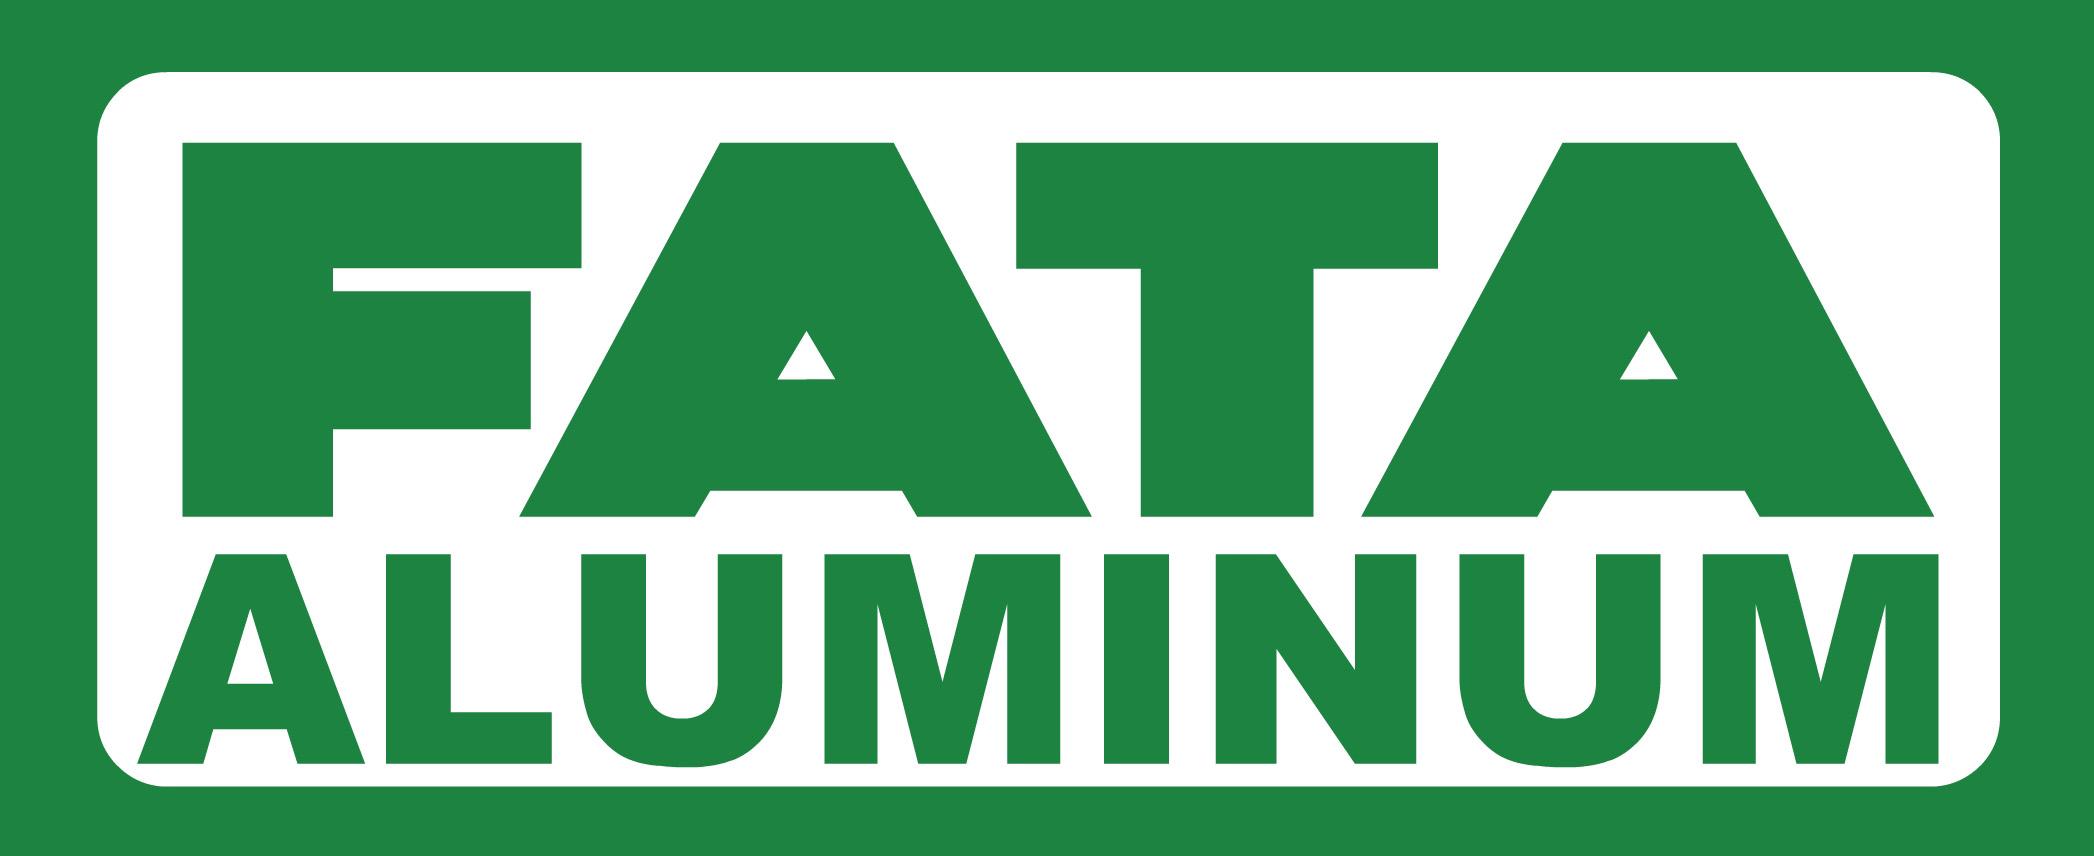 FATA Aluminum